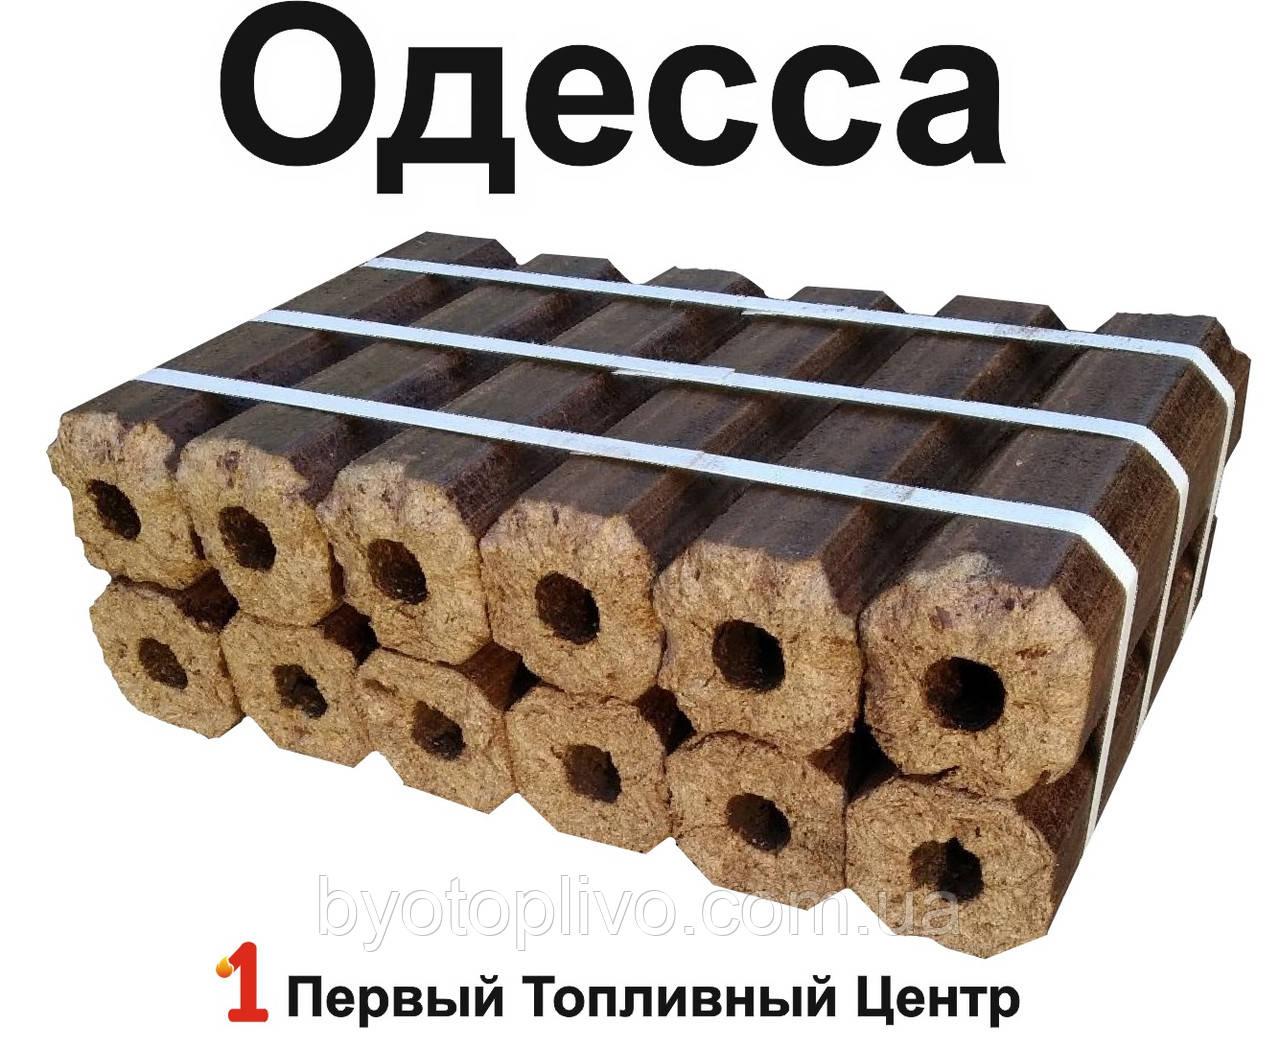 Топливные брикеты дубовые Пини Кей, Pini Kay в термоупаковках.